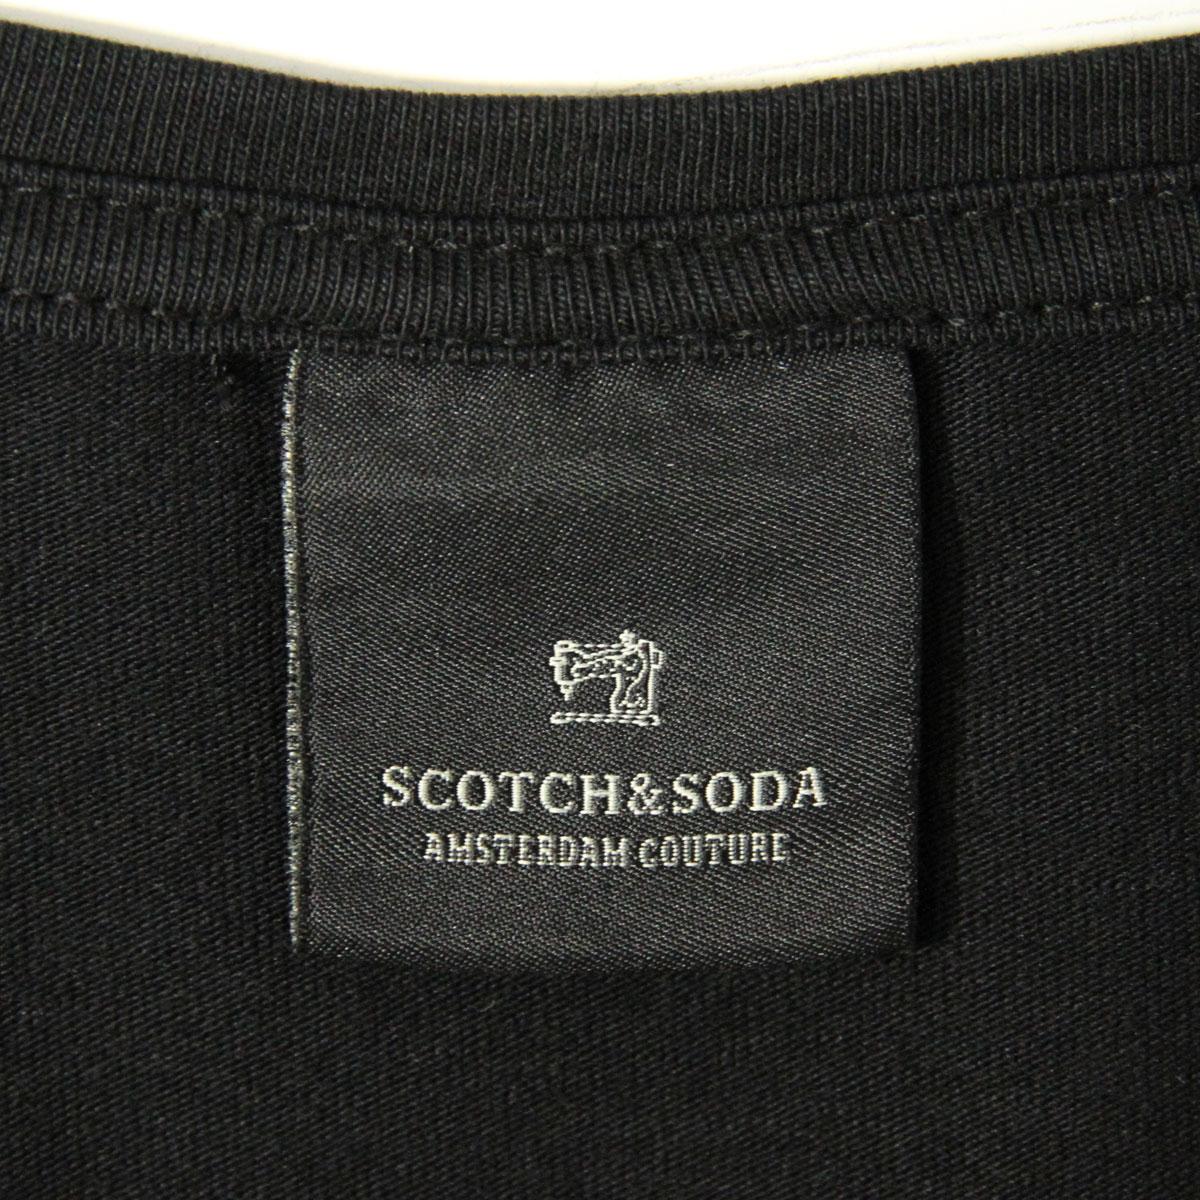 scotch_soda_13